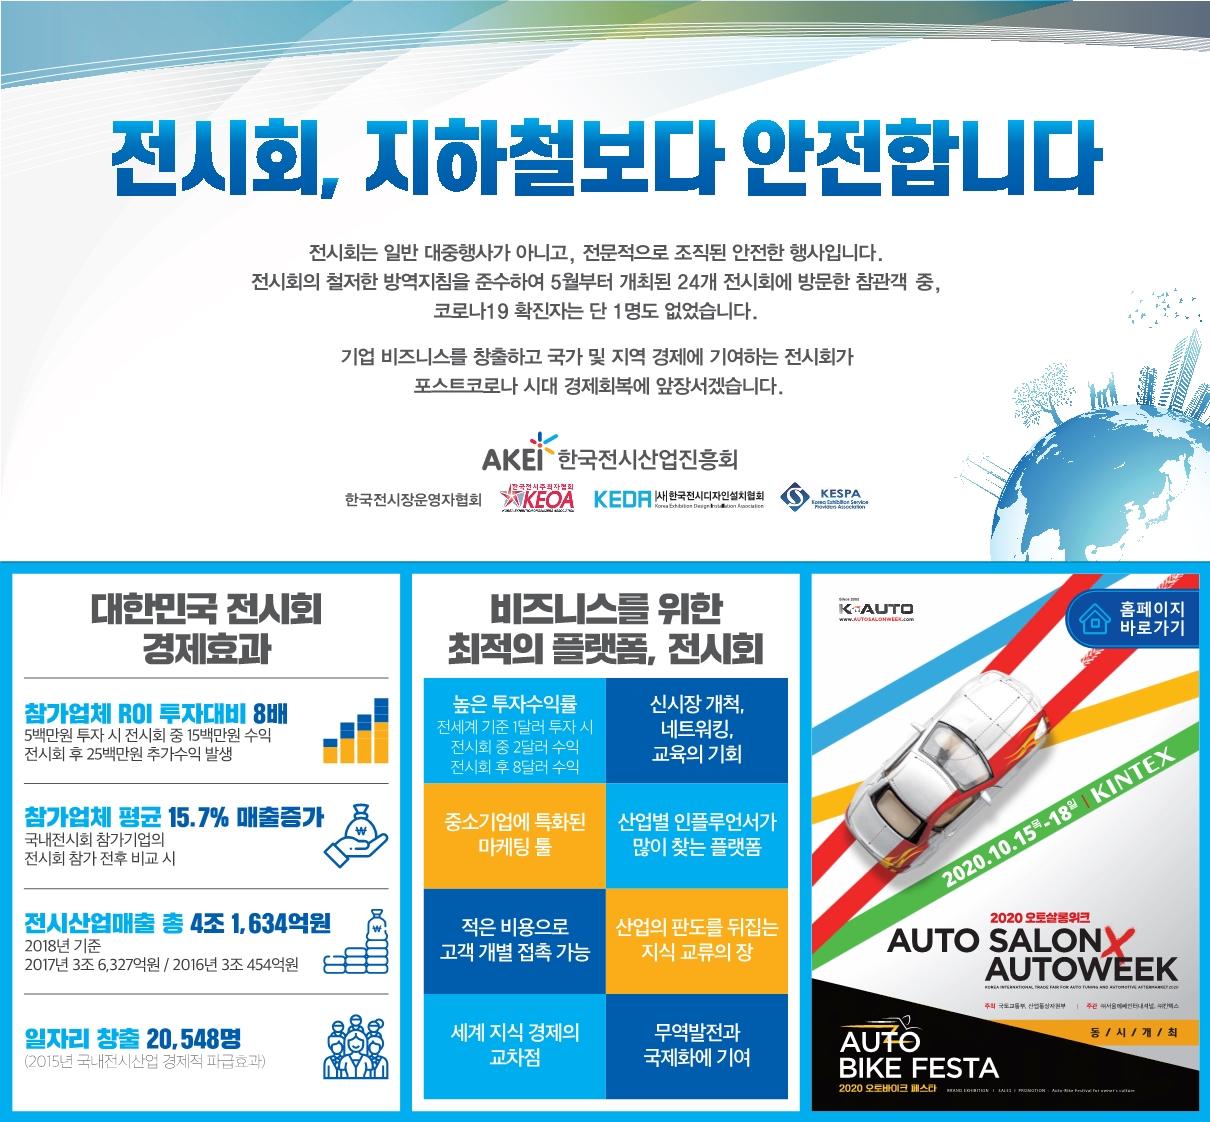 한국전시산업진흥회 리플렛 수정_오토살롱위크.jpg